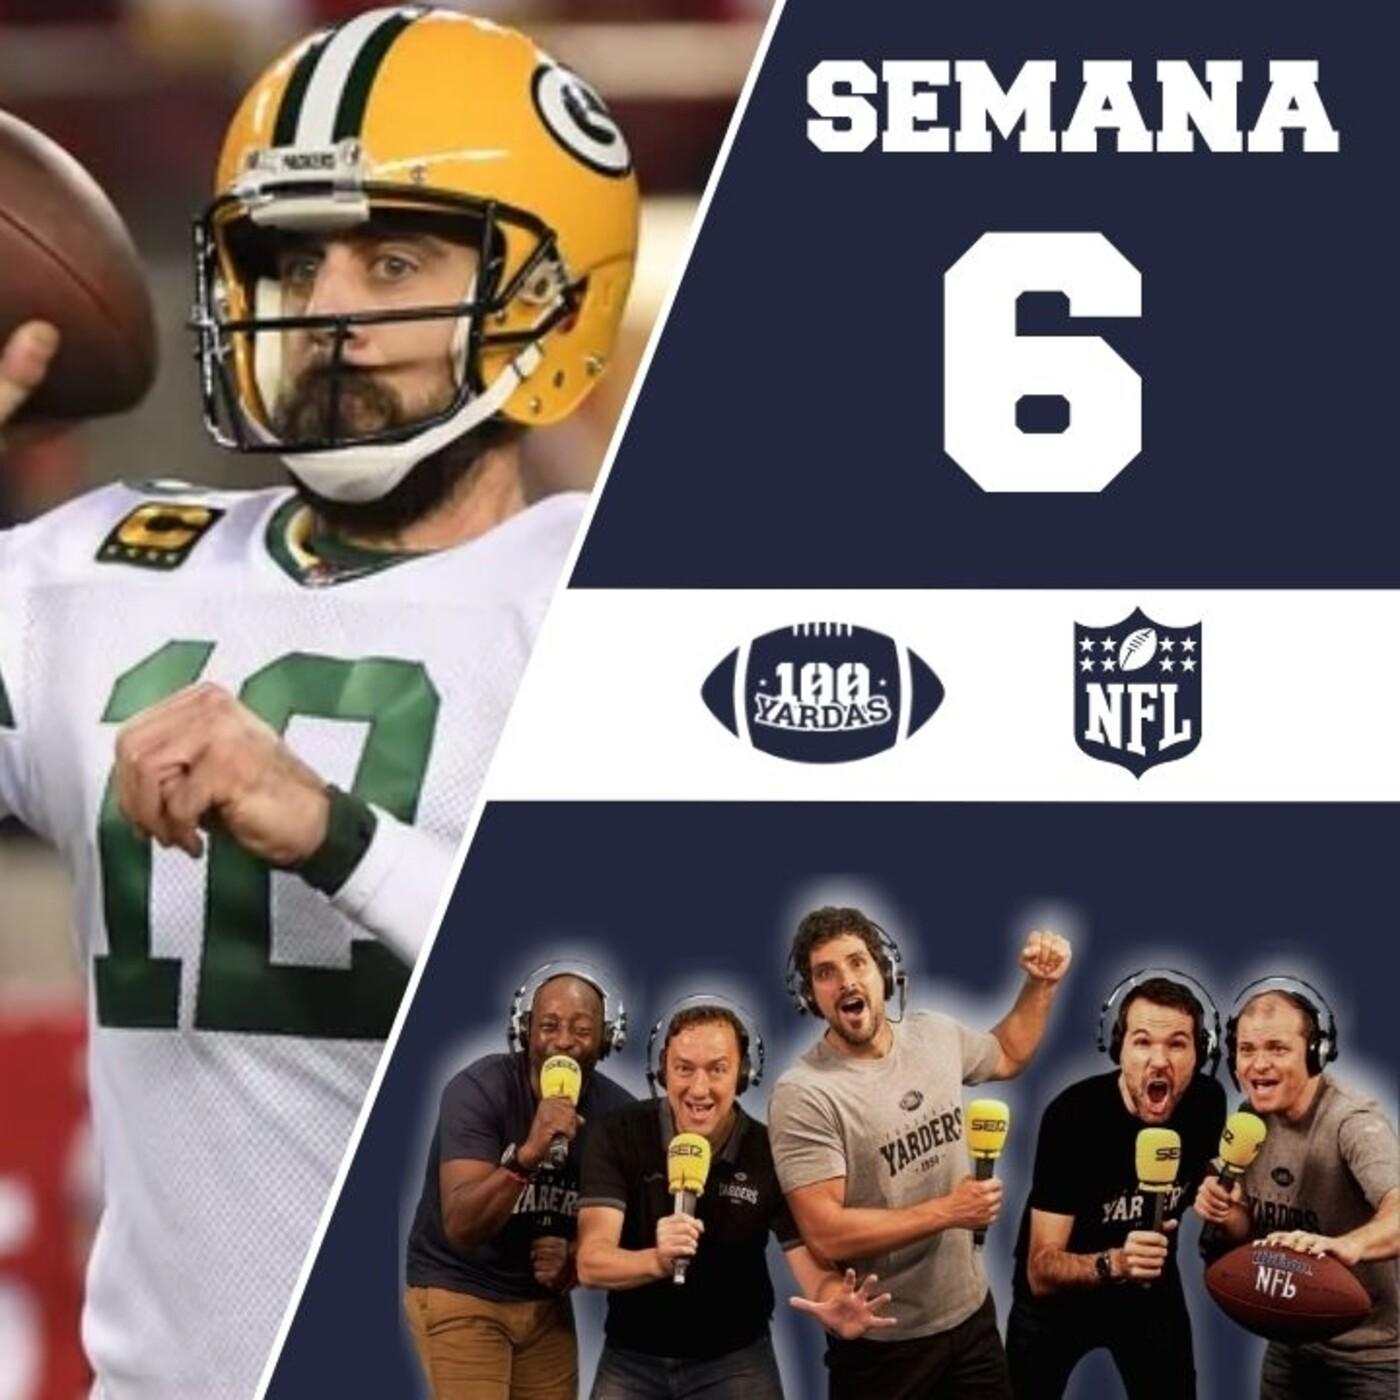 PREVIO SEMANA 6 NFL   Así viene la jornada 6 + duelo entre Aaron Rodgers y Tom Brady